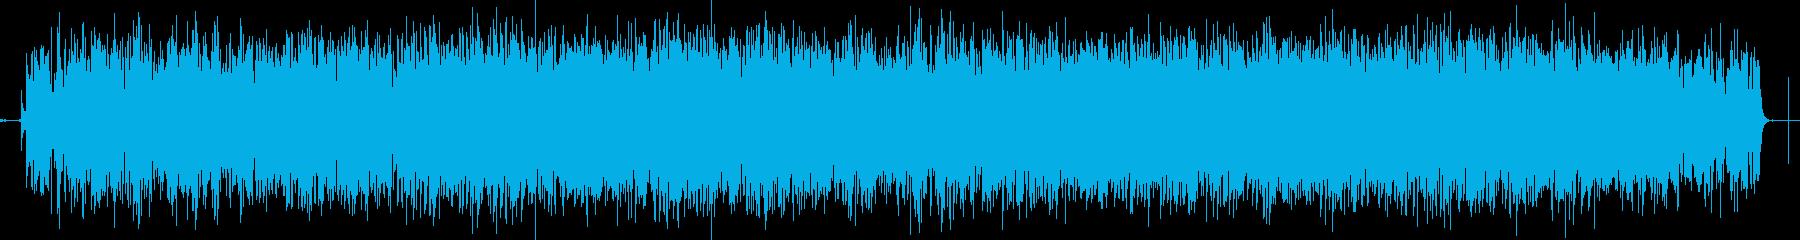 メタルハードロックインストゥルメン...の再生済みの波形